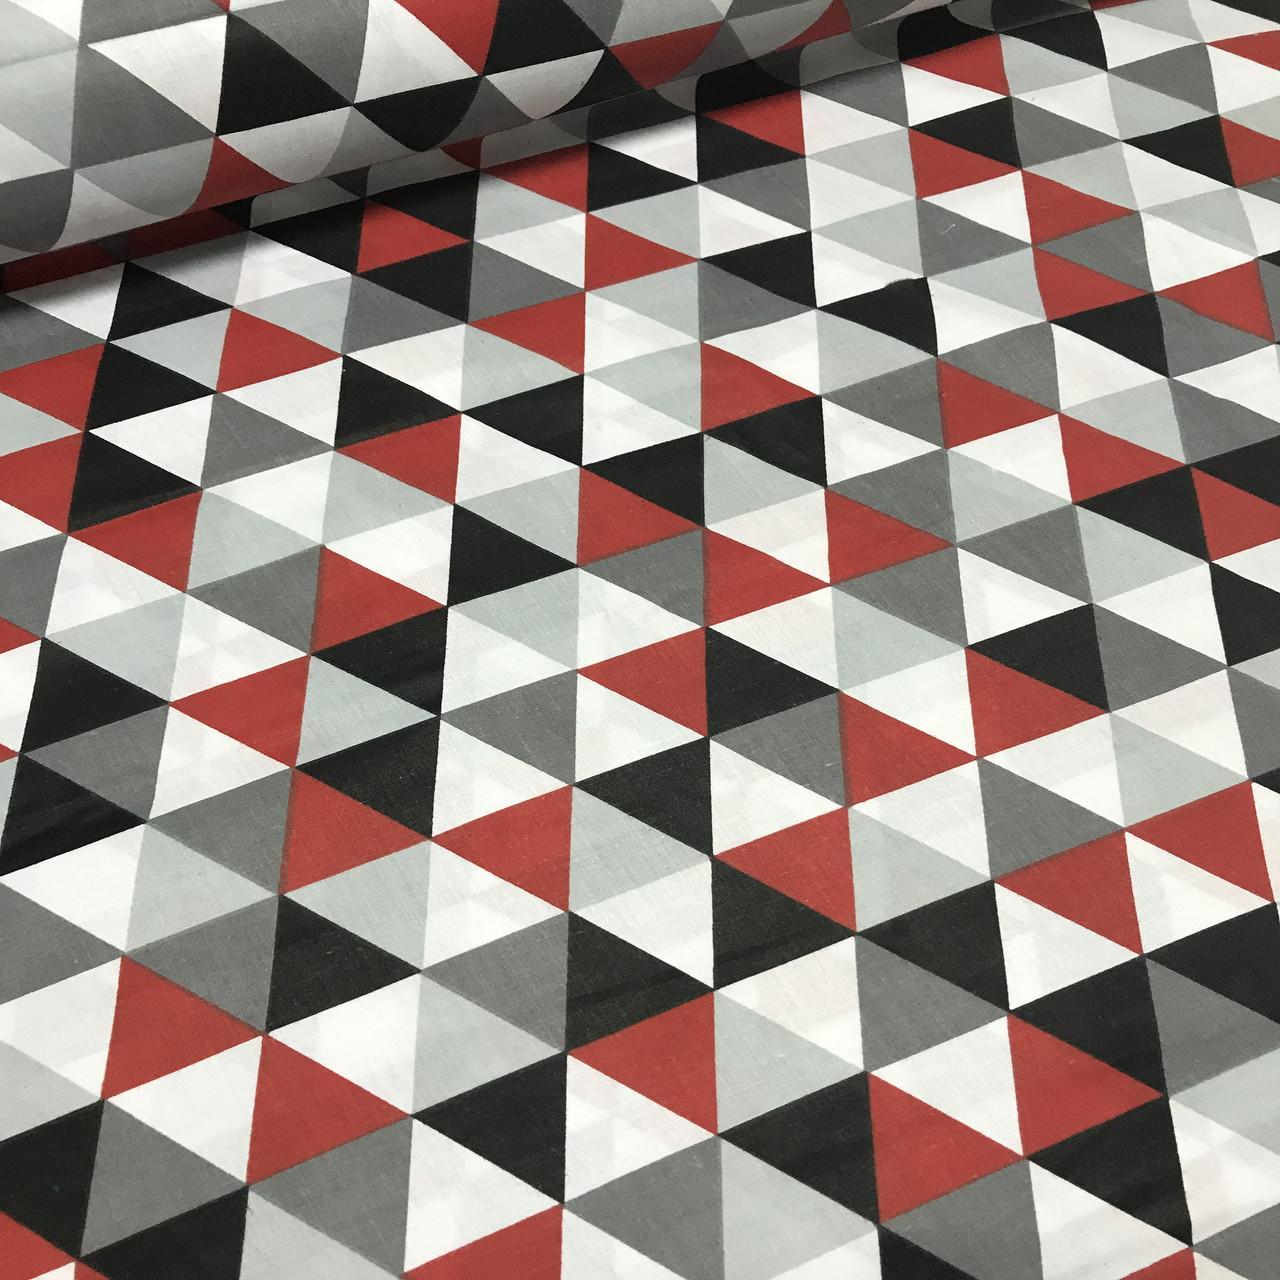 Хлопковая ткань польская треугольники крупные красные, серые, графитовые №132